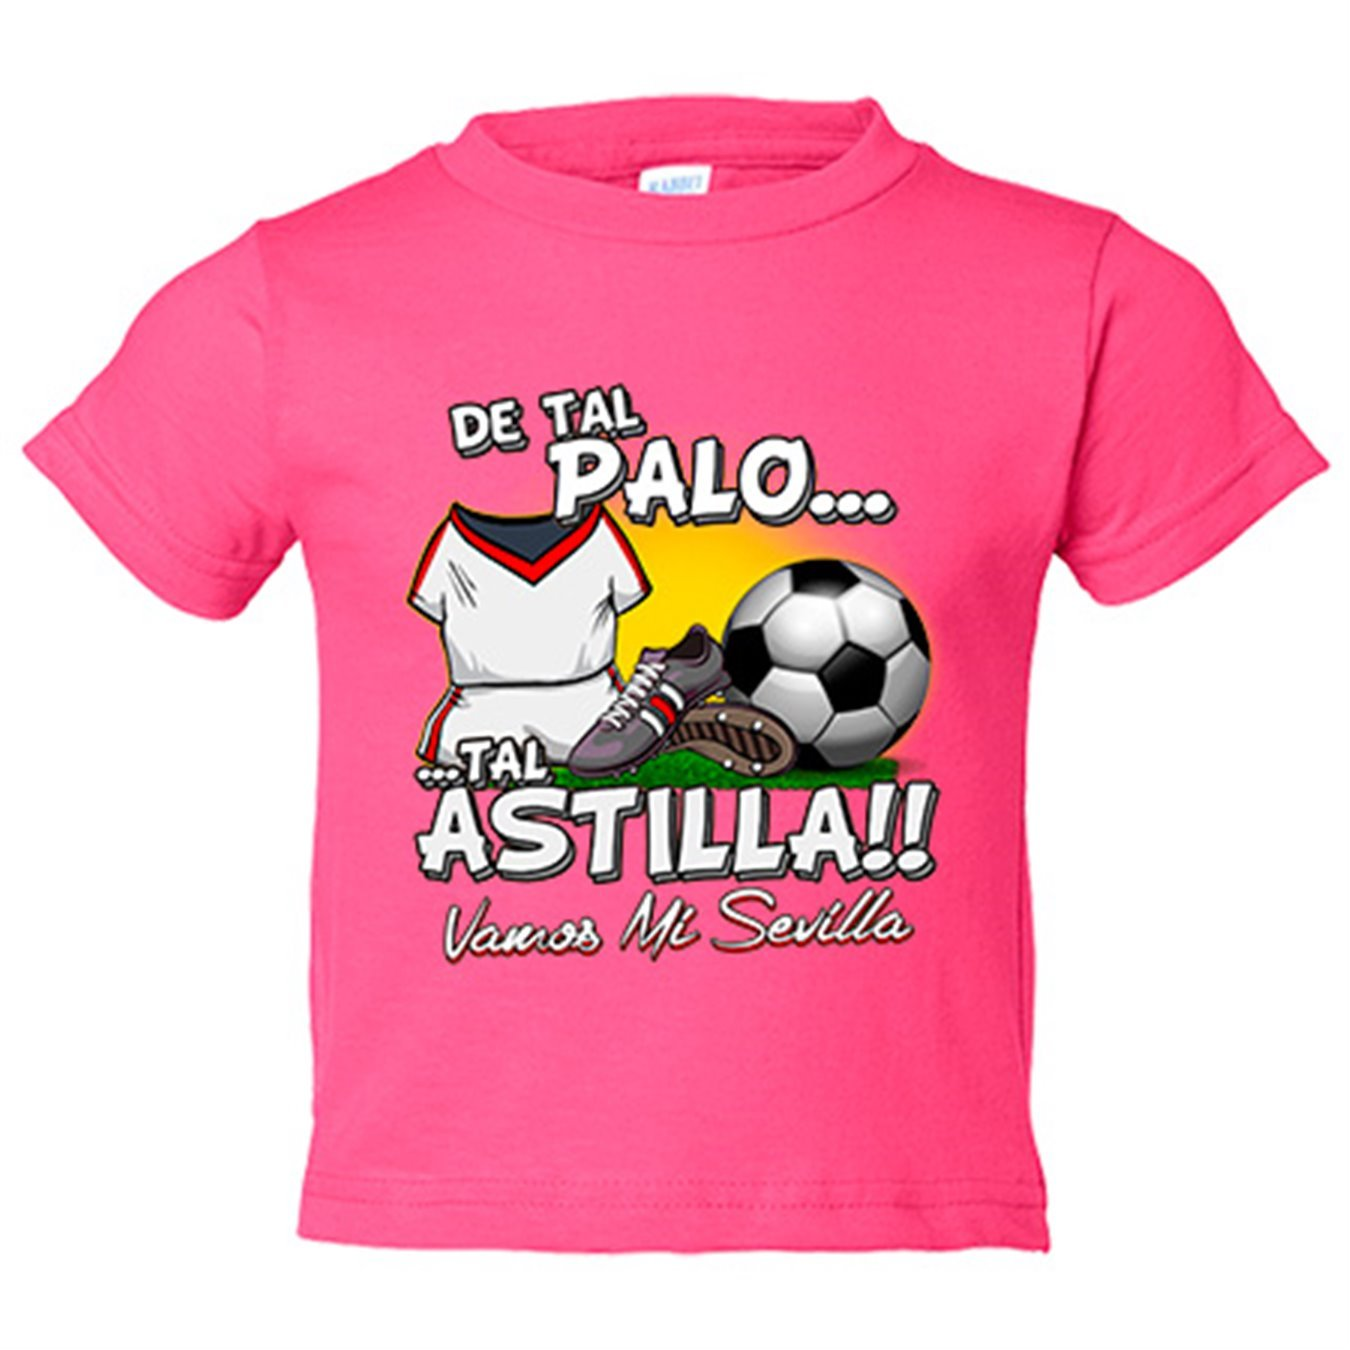 Camiseta niño De tal palo tal astilla Sevilla fútbol - Amarillo, 3-4 años: Amazon.es: Bebé